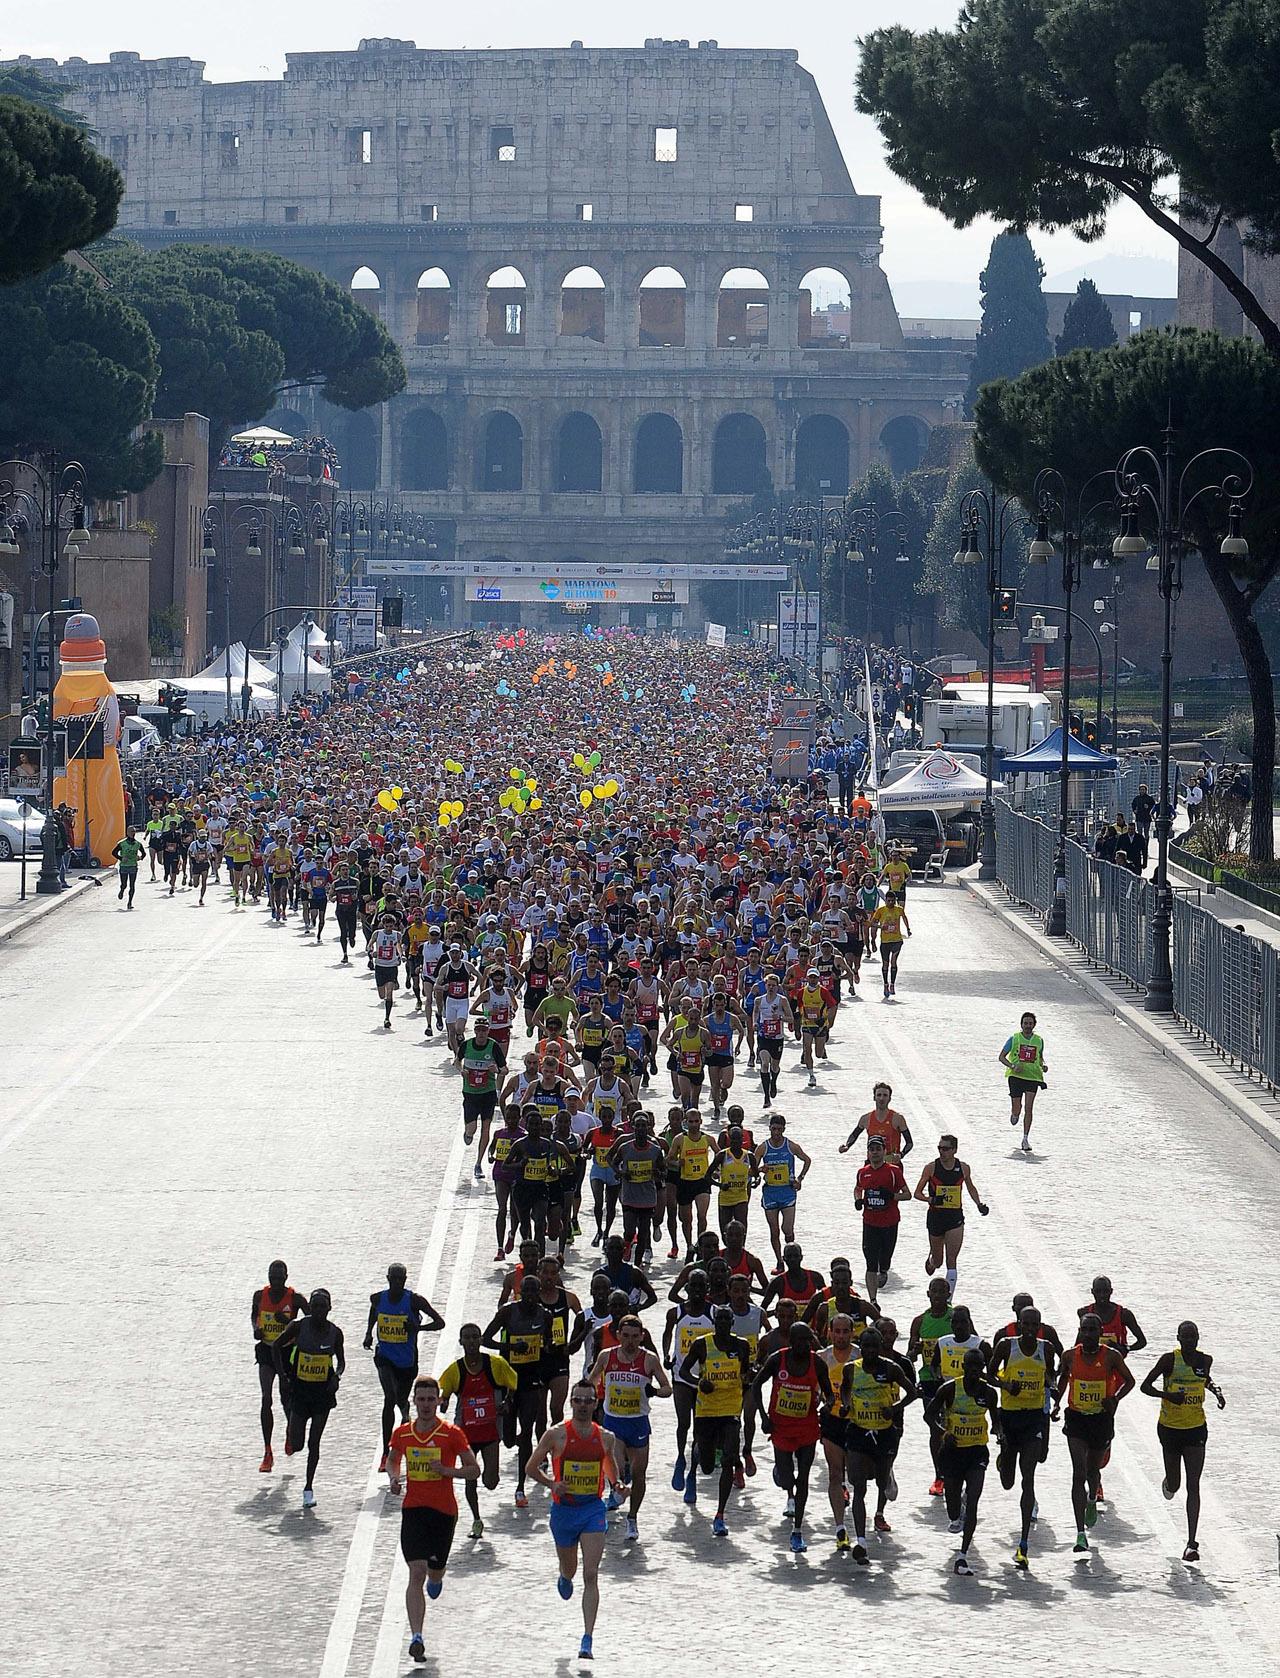 Roma_Marathon_start_Colleseum_1280.jpg